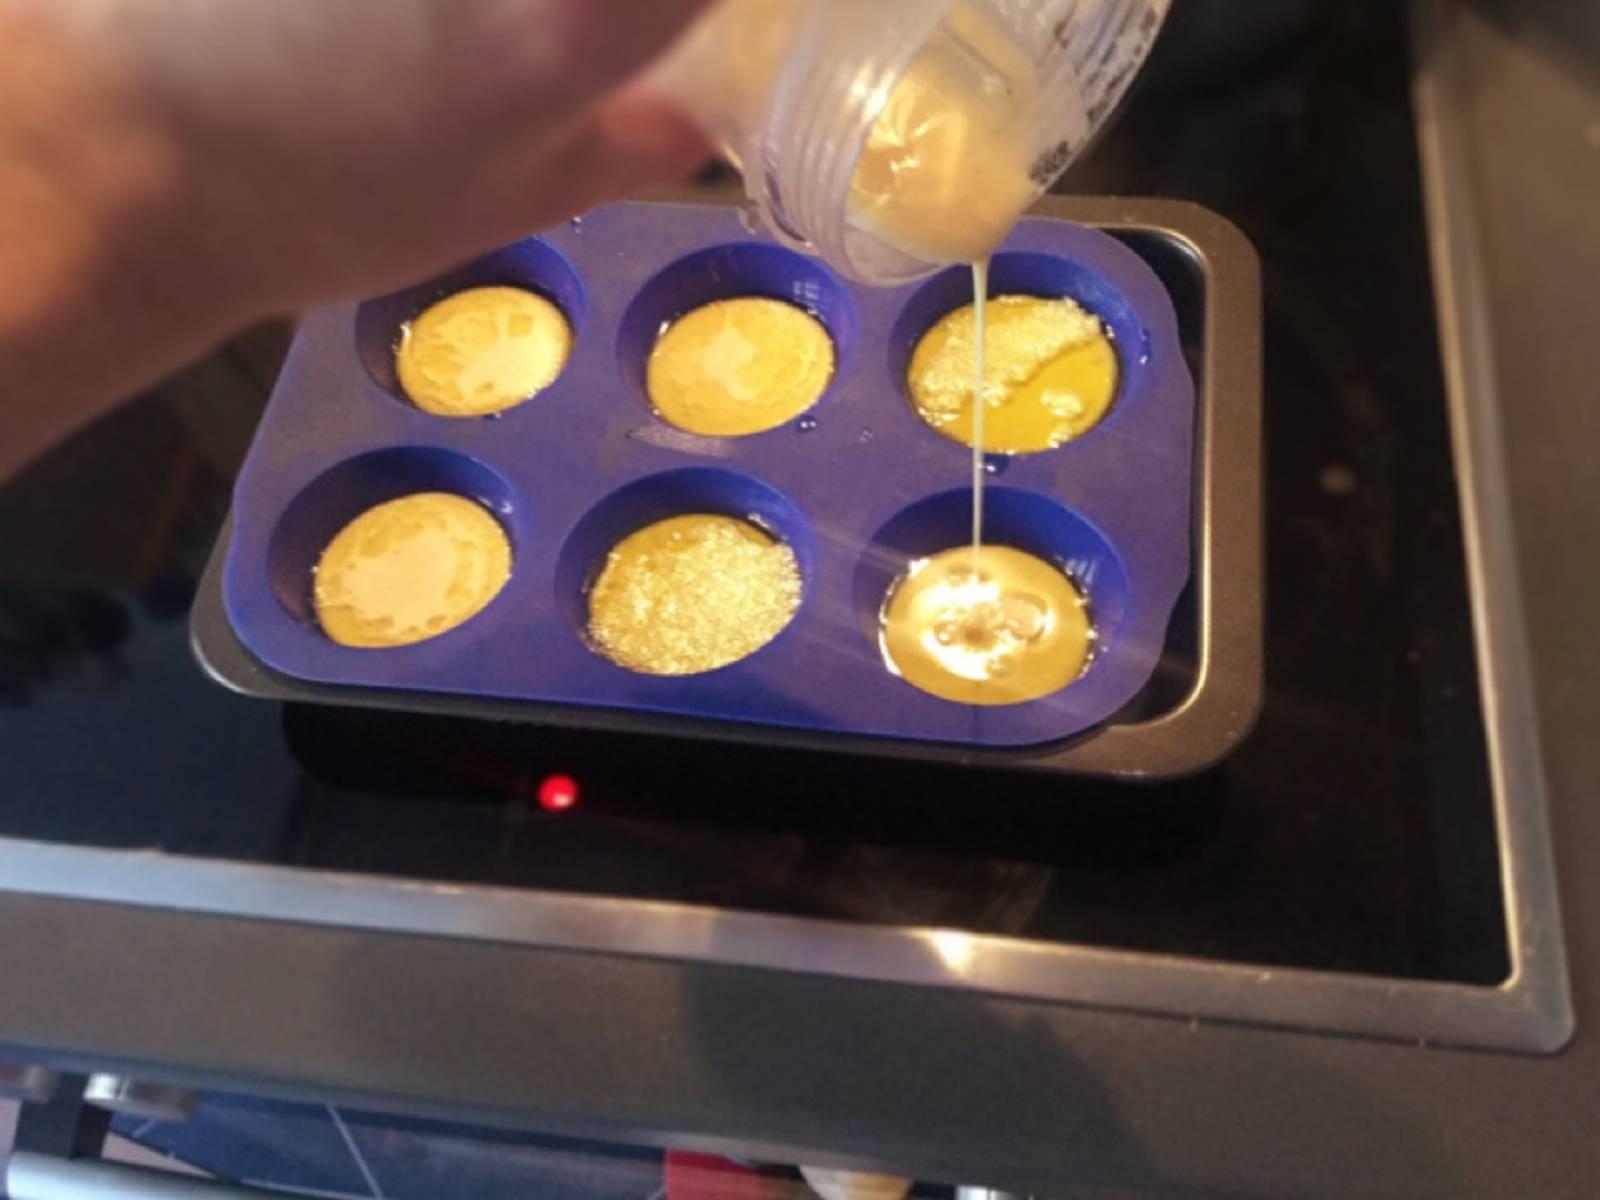 快速将面糊倒入玛芬烤盘中,每个玛芬杯应半满。倒好后,马上放入烤箱。